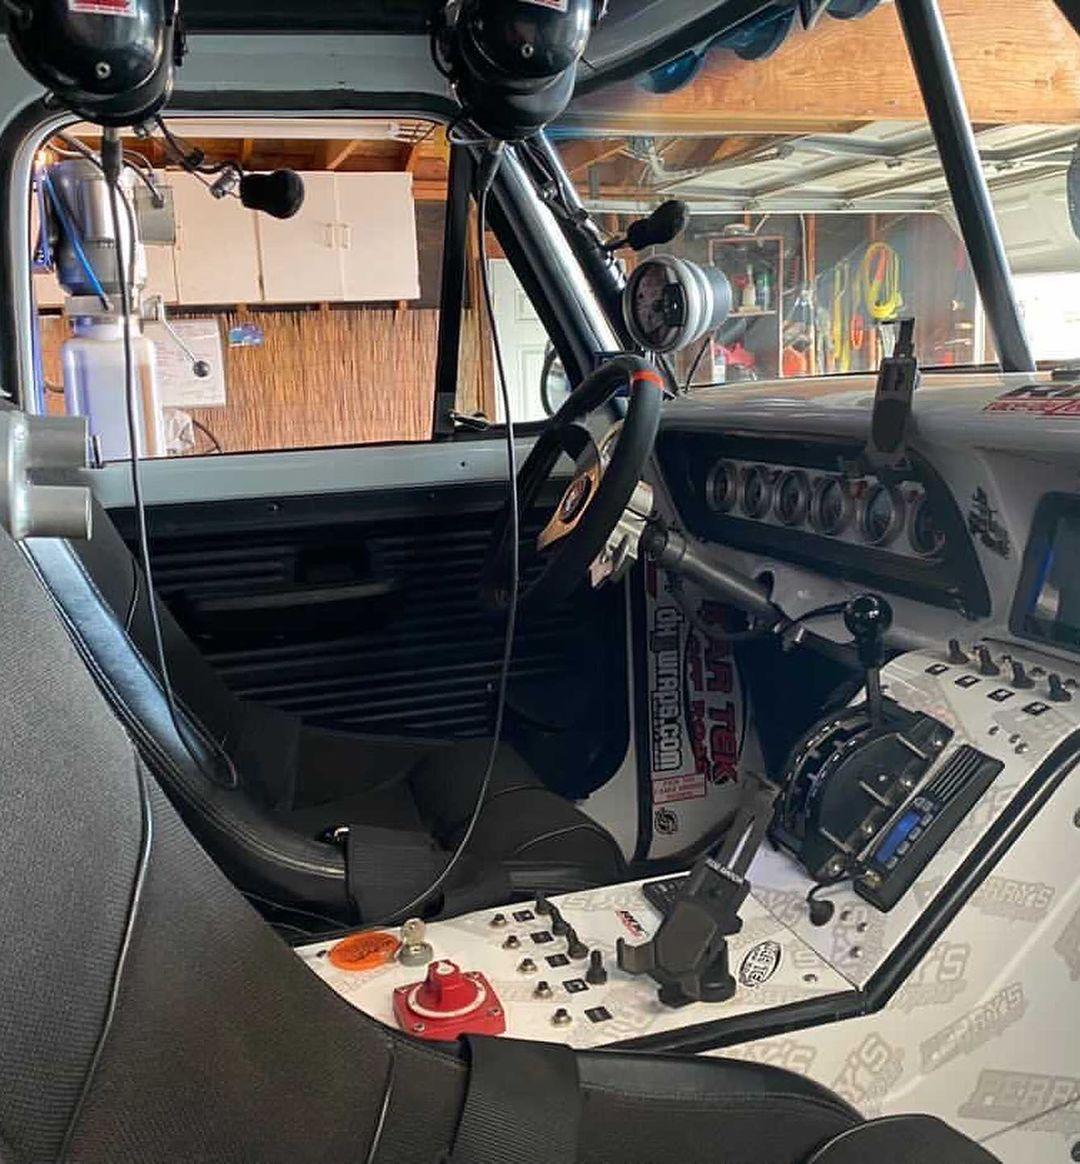 1968 Ford F100 Prerunner - For Sale 6.jpg